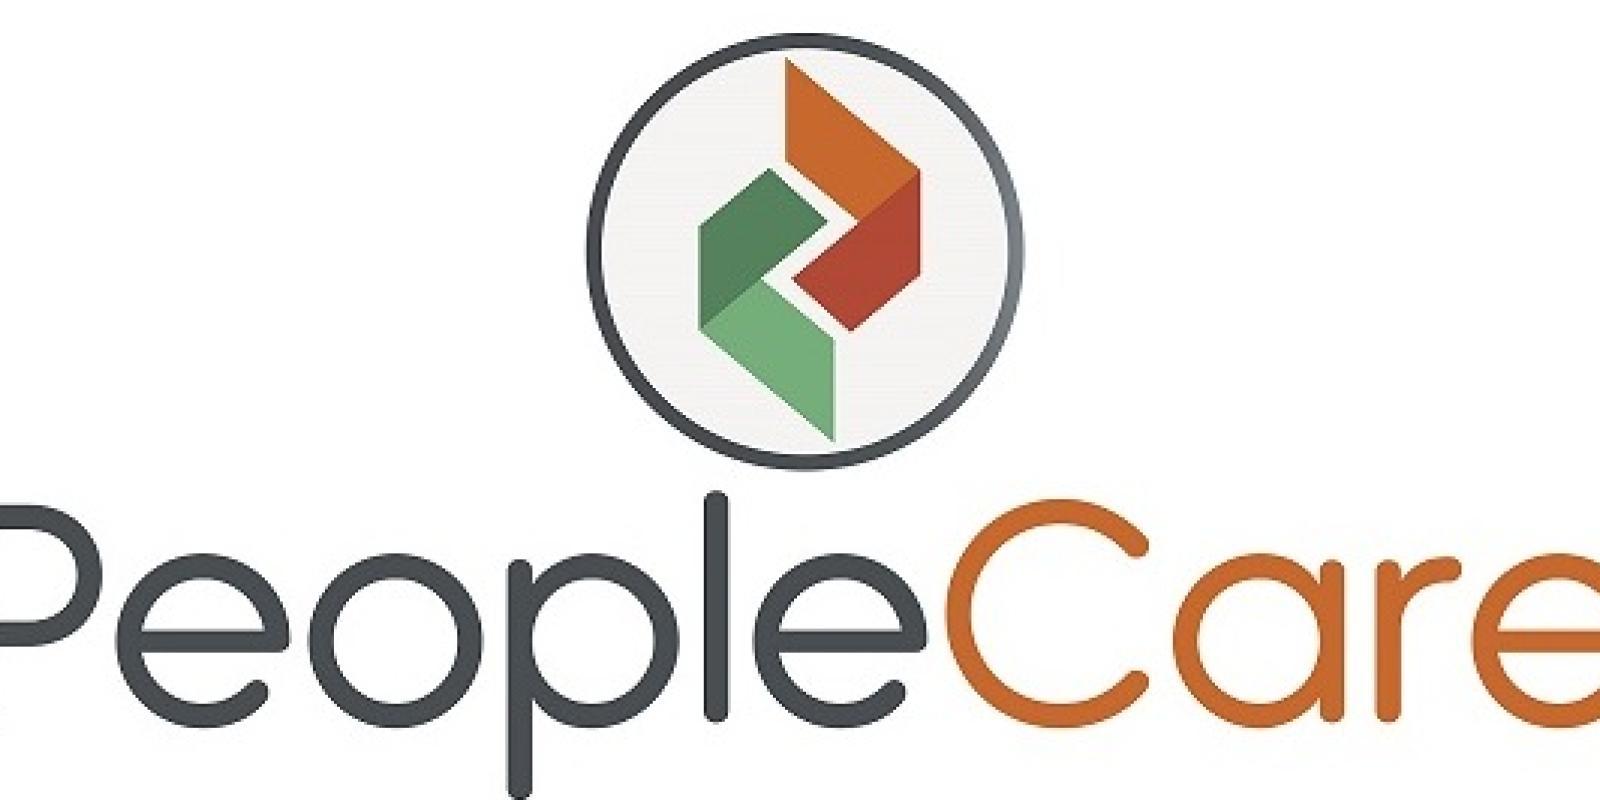 PeopletoPeople Group développe le e-coaching au Brésil avec PeopleCare